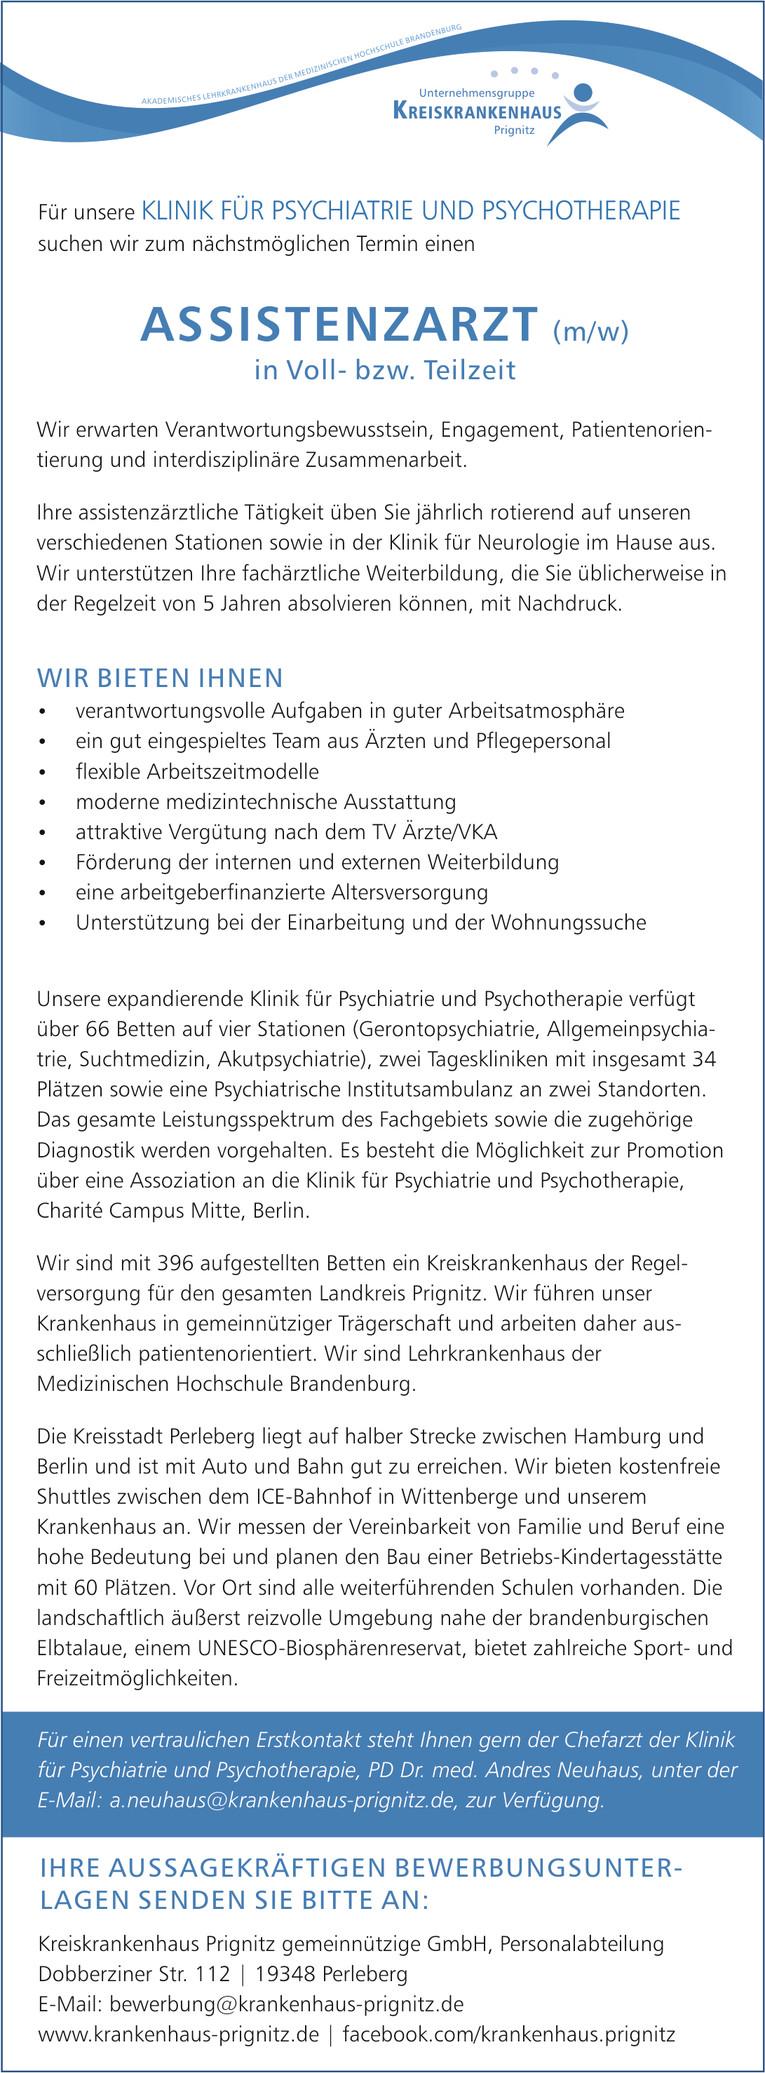 Assistenzarzt (m/w) in der Klinikf für Psychiatrie und Psychotherapie in Perleberg